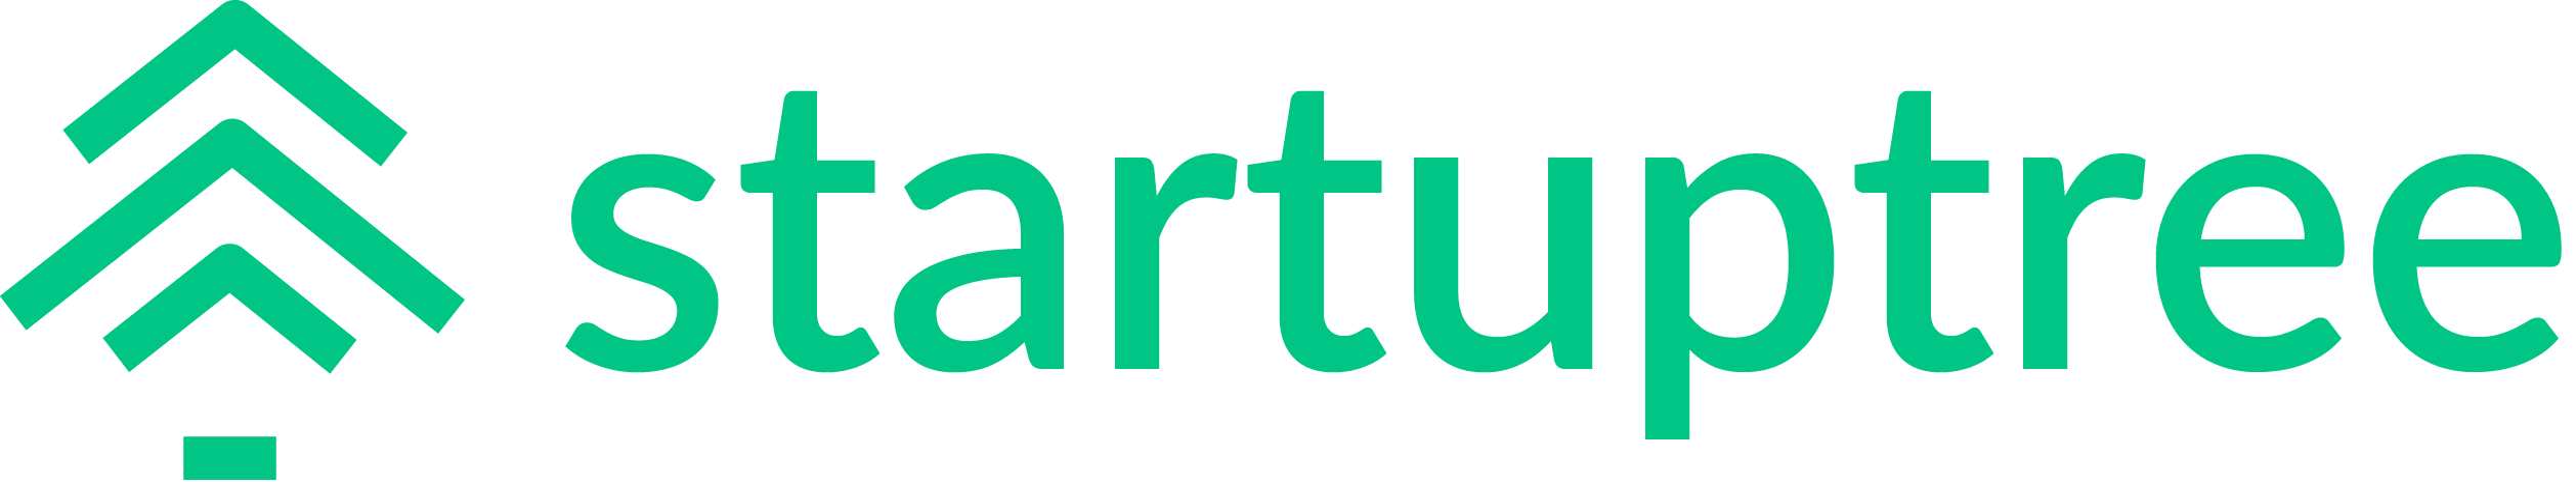 StartupTree